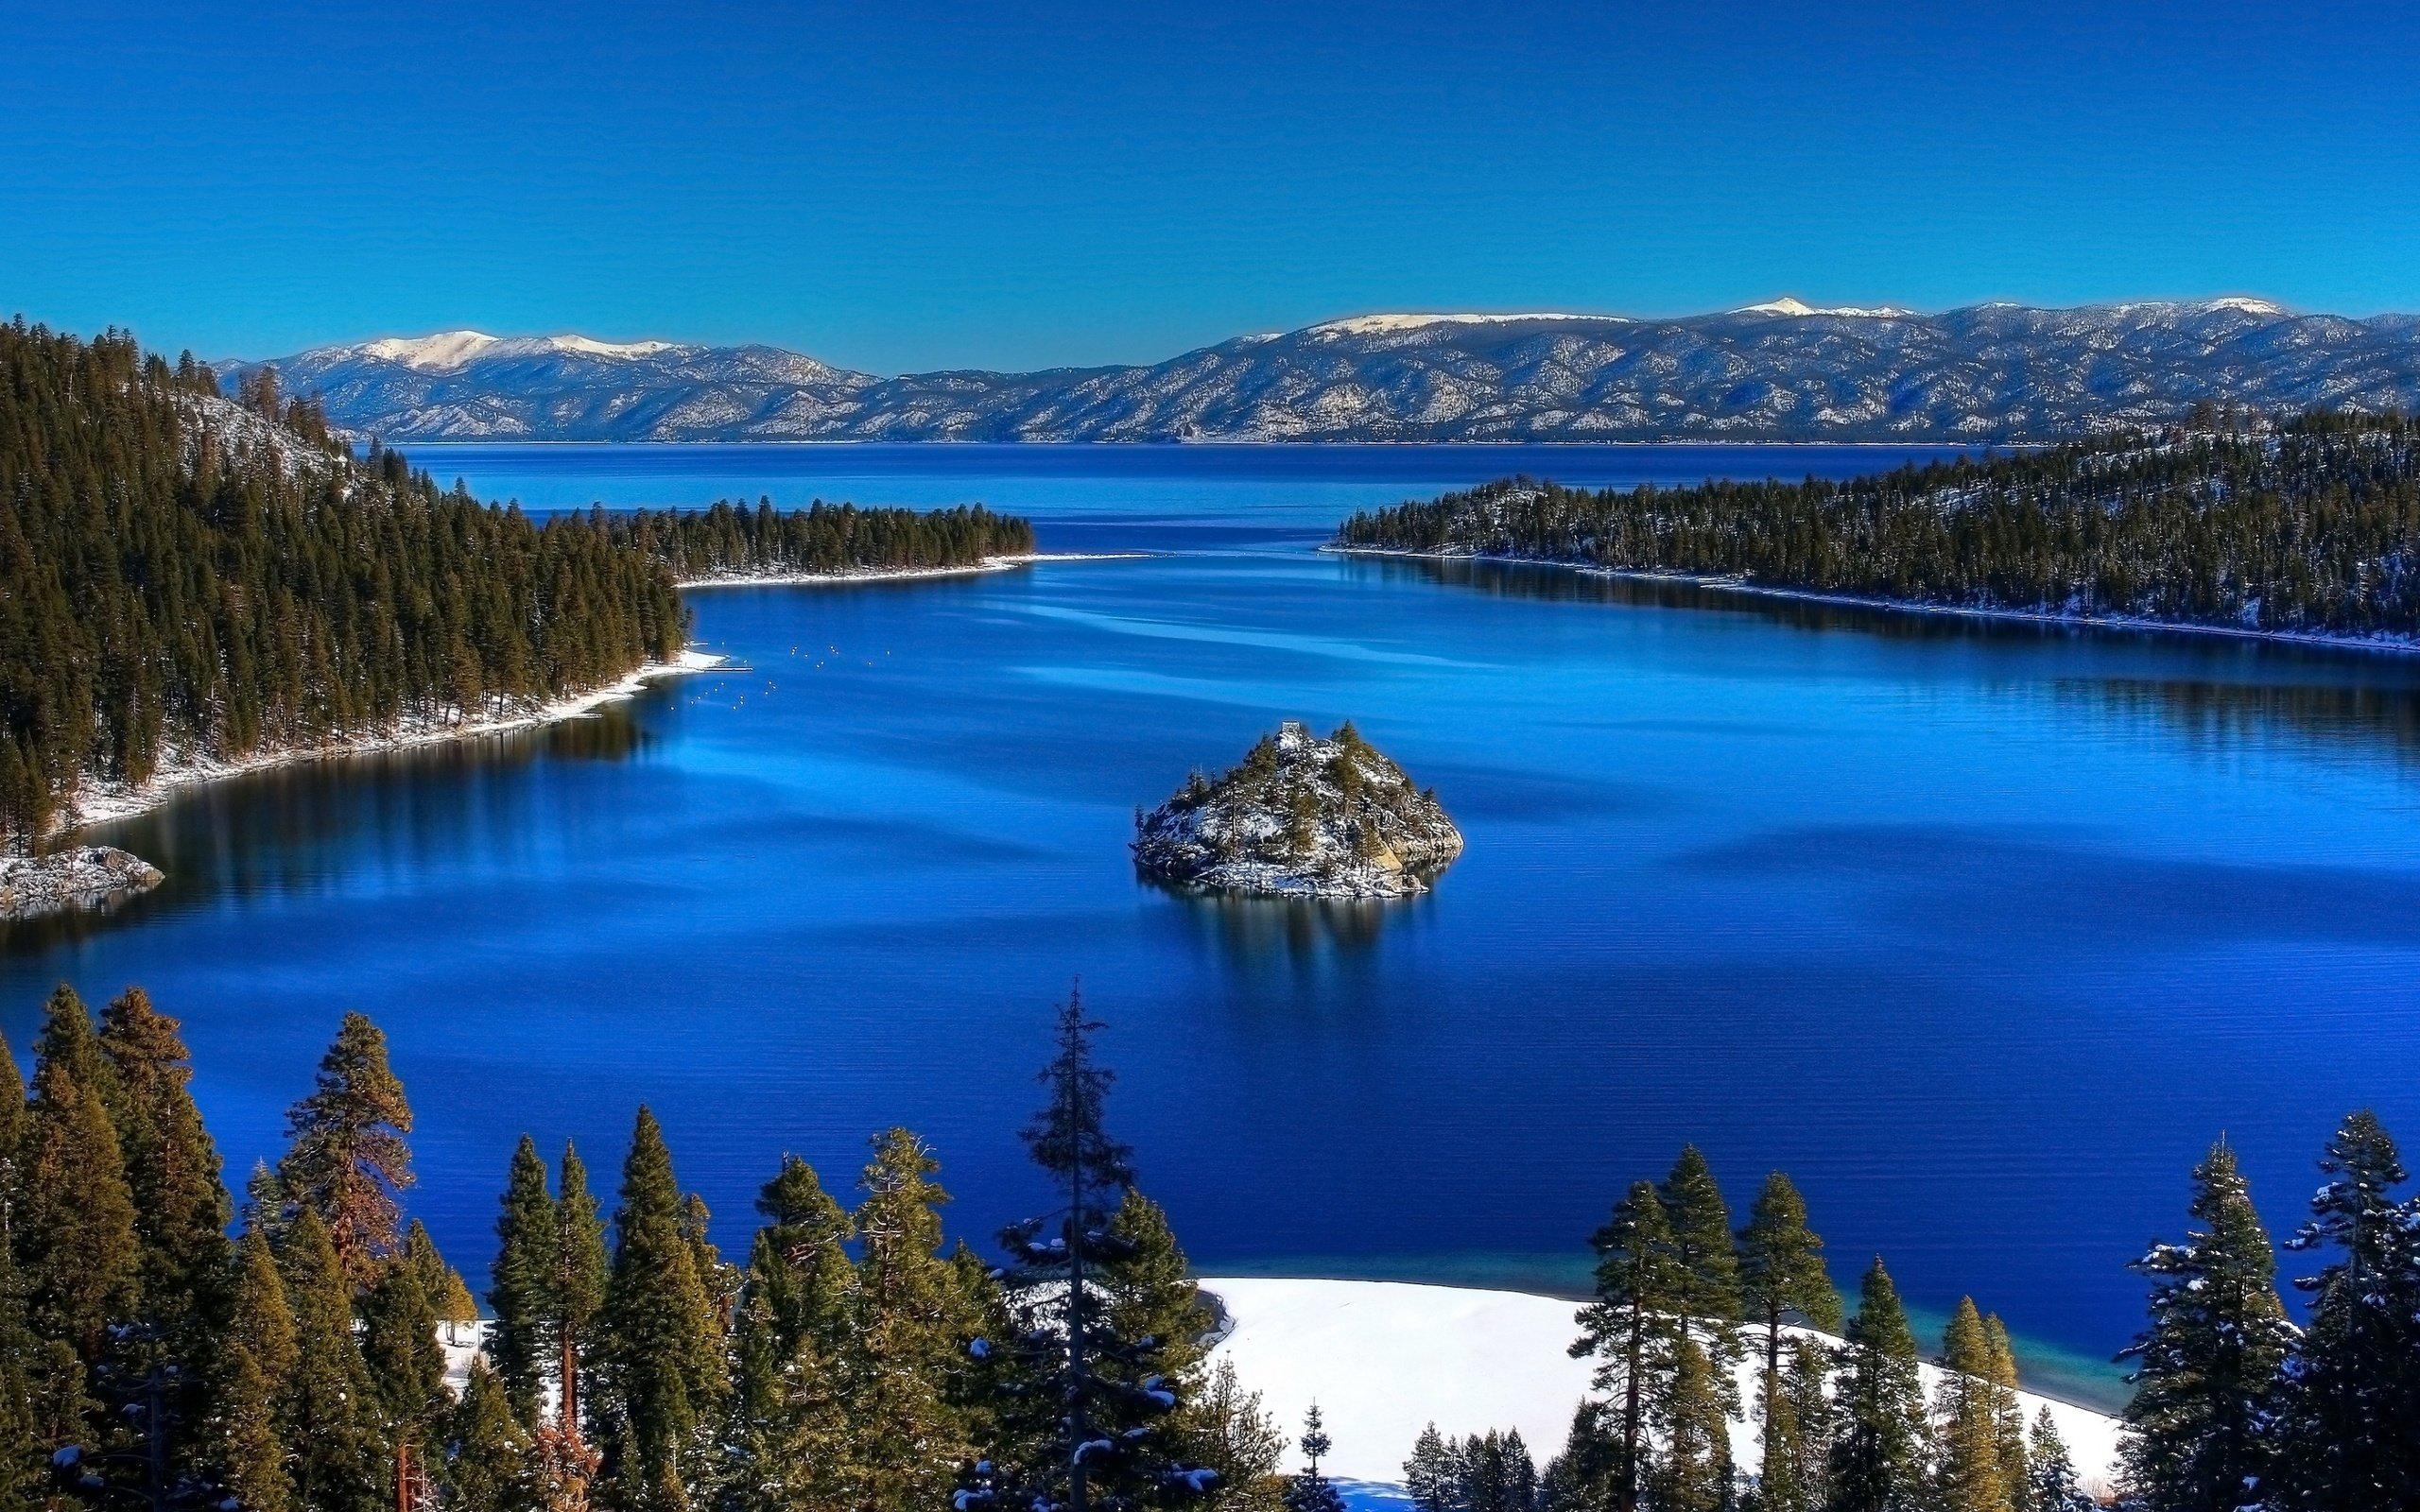 lake-tahoe-wallpaper-hd-2560x1600-203202